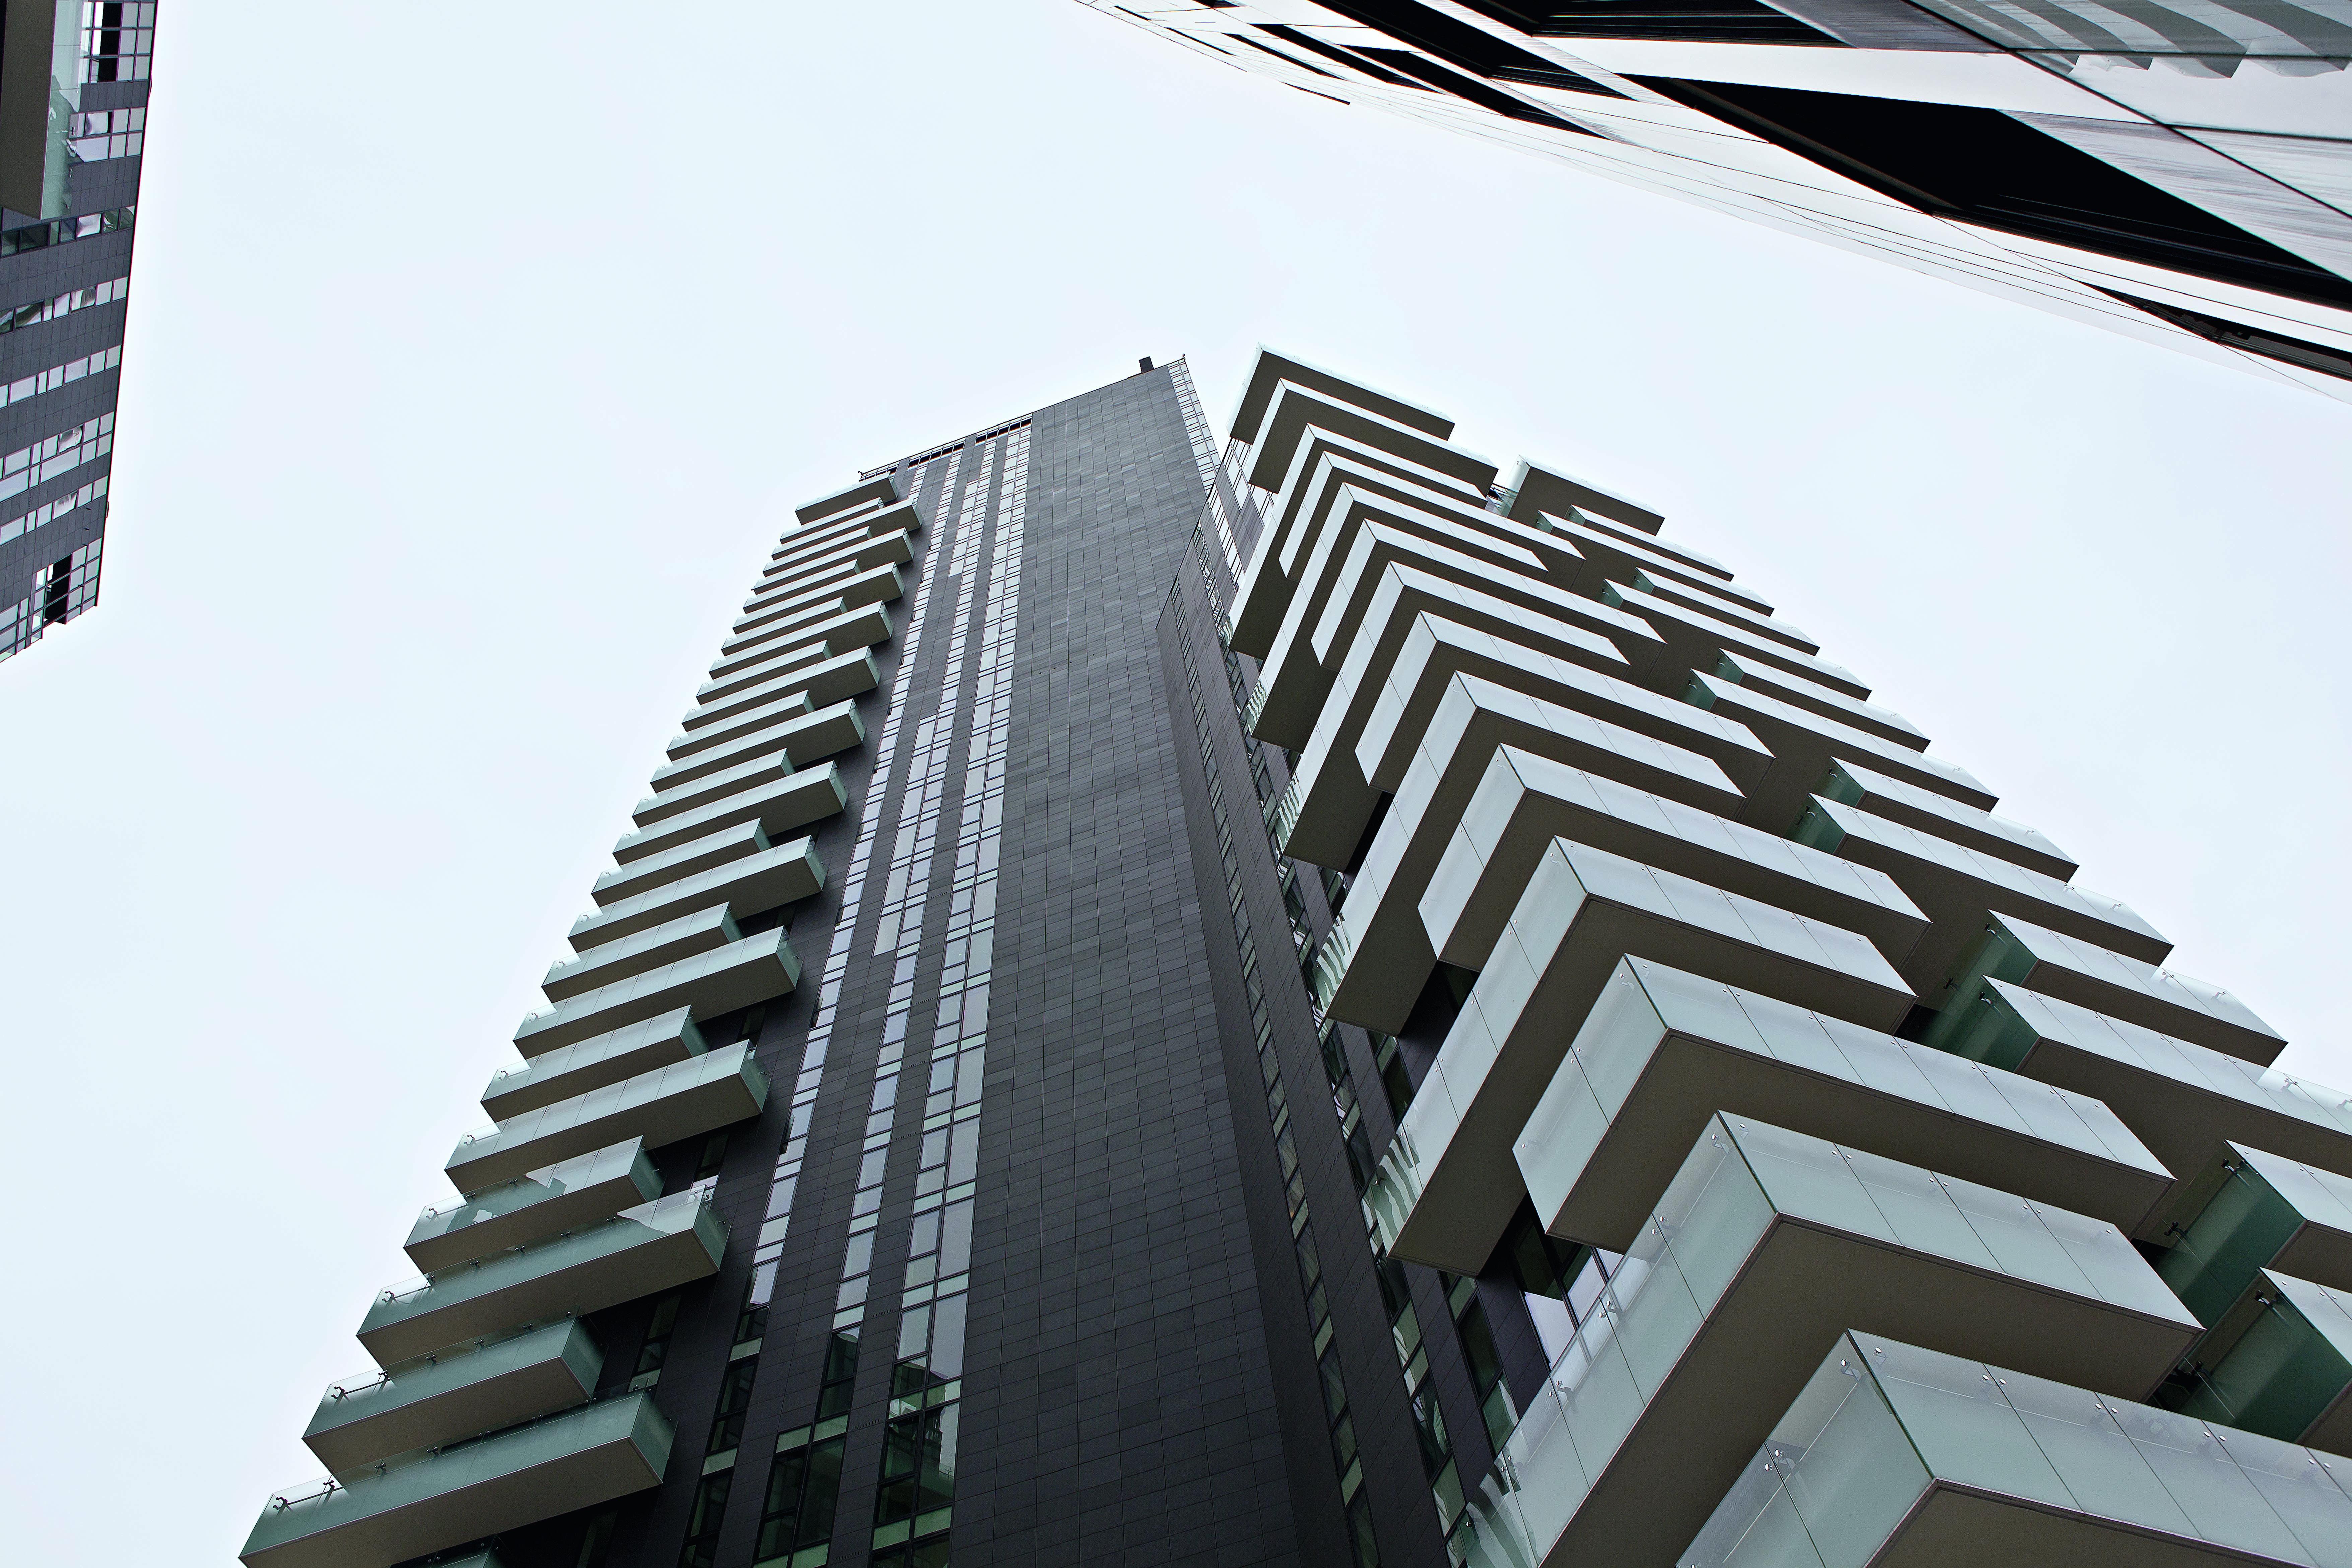 250 porte antieffrazione oikos per le torri del progetto - Residenze di porta nuova ...